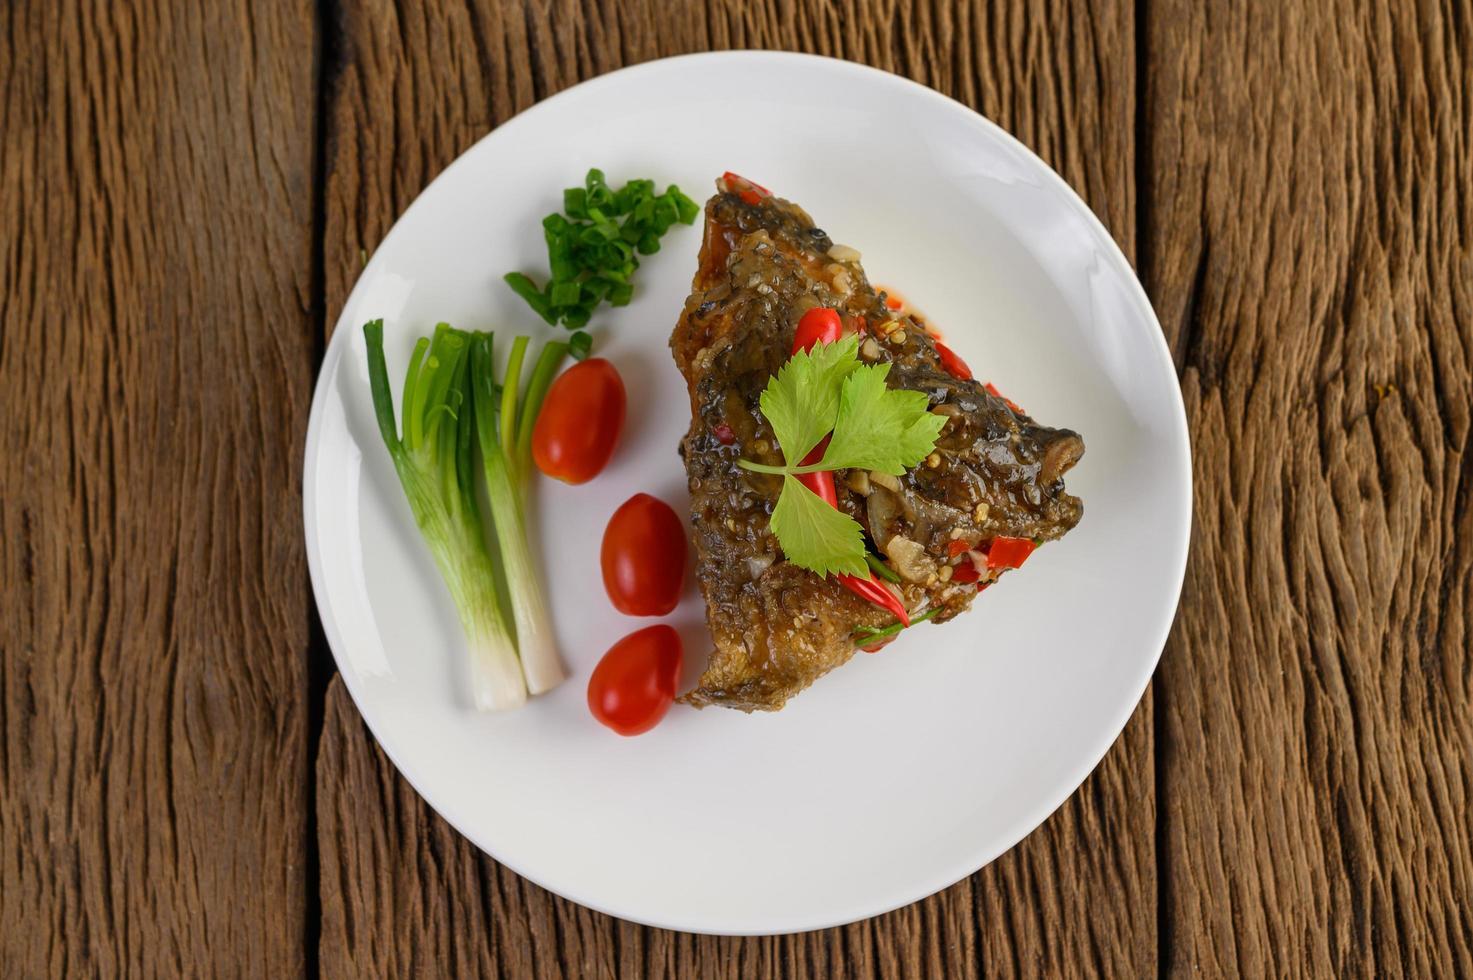 Tête de poisson frit garnie de piments sur une assiette blanche photo